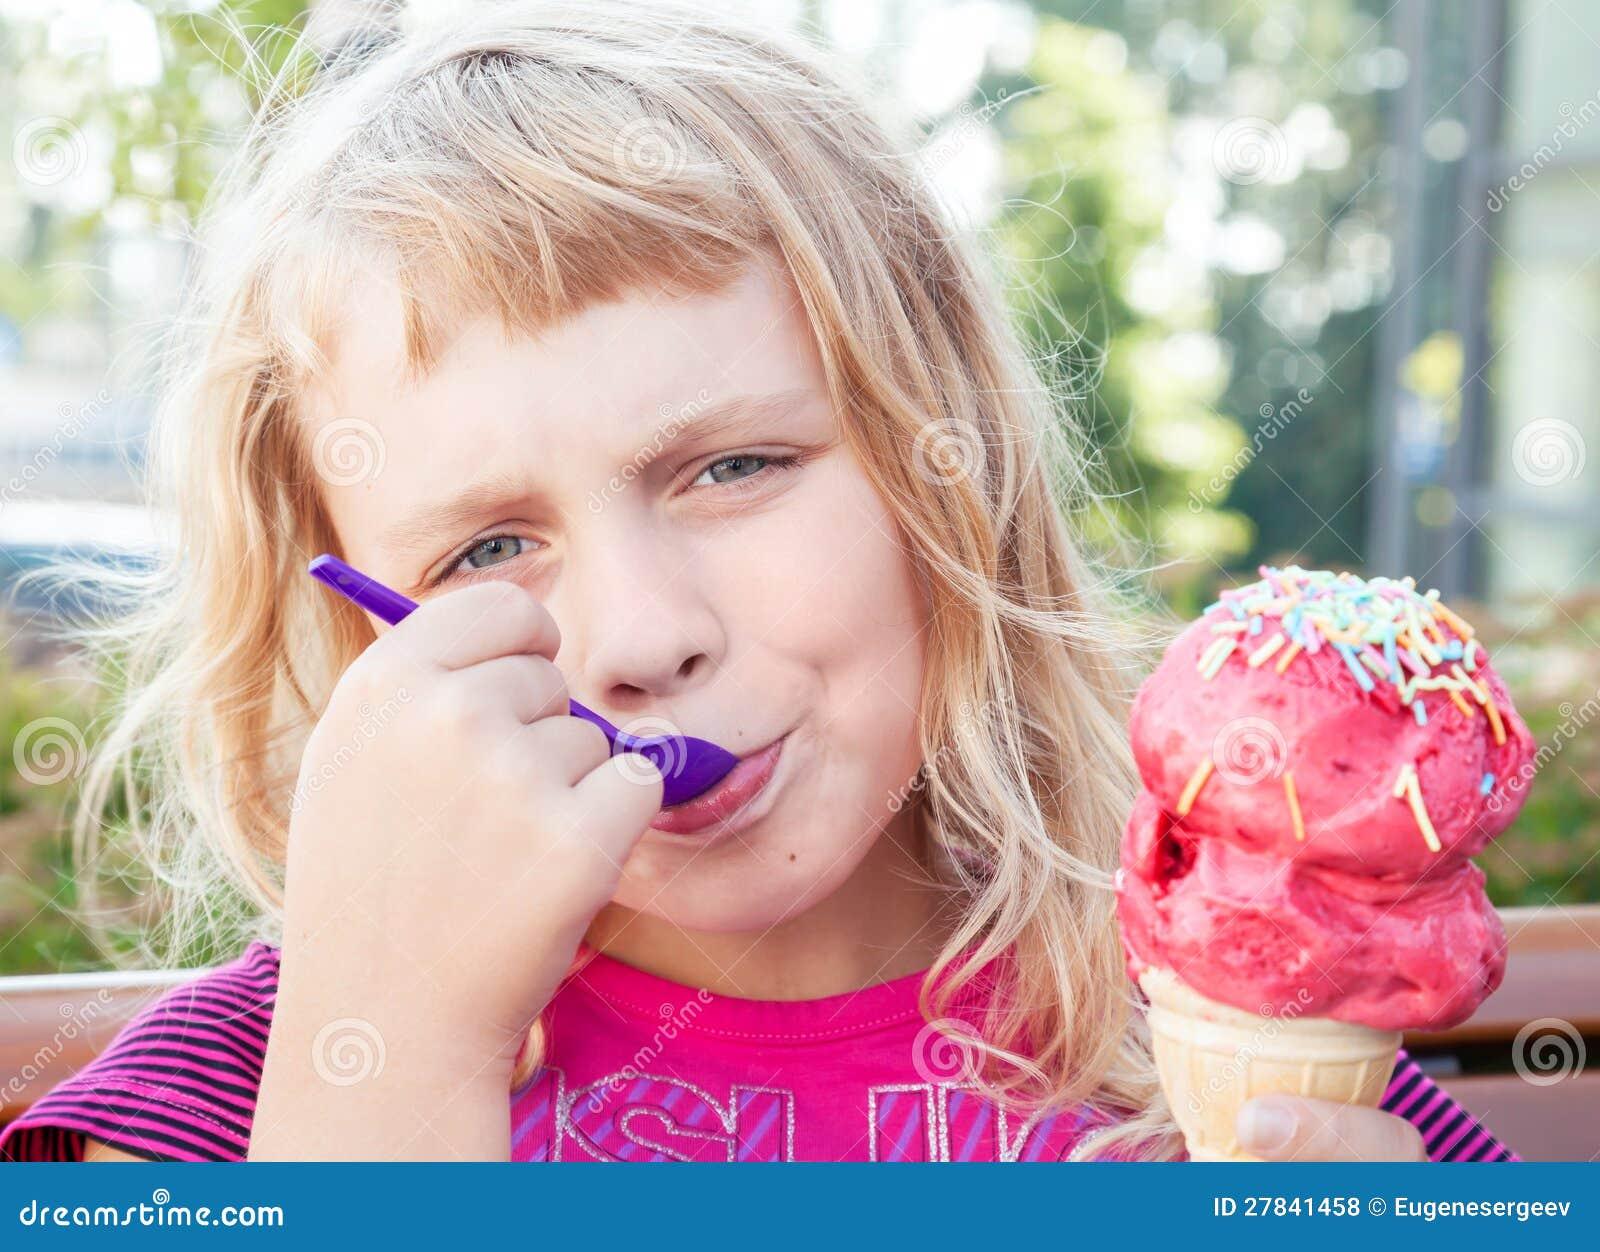 La petite fille mange de la grande glace de fruit photos for Grande glace